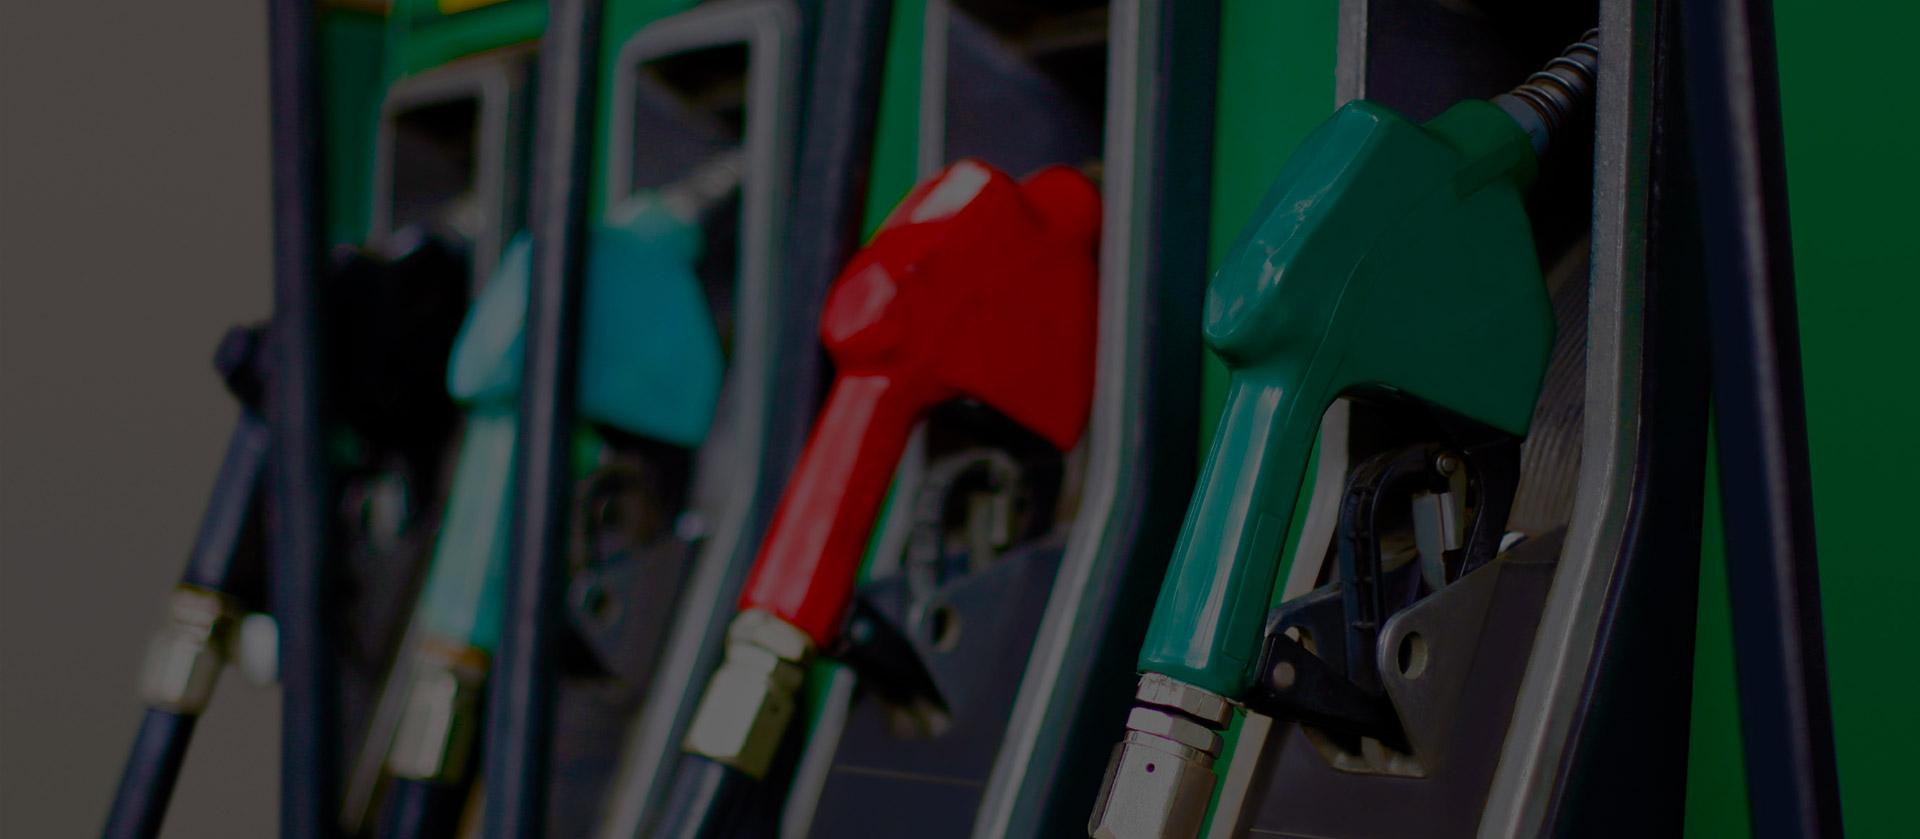 Control y Gestión de Combustible